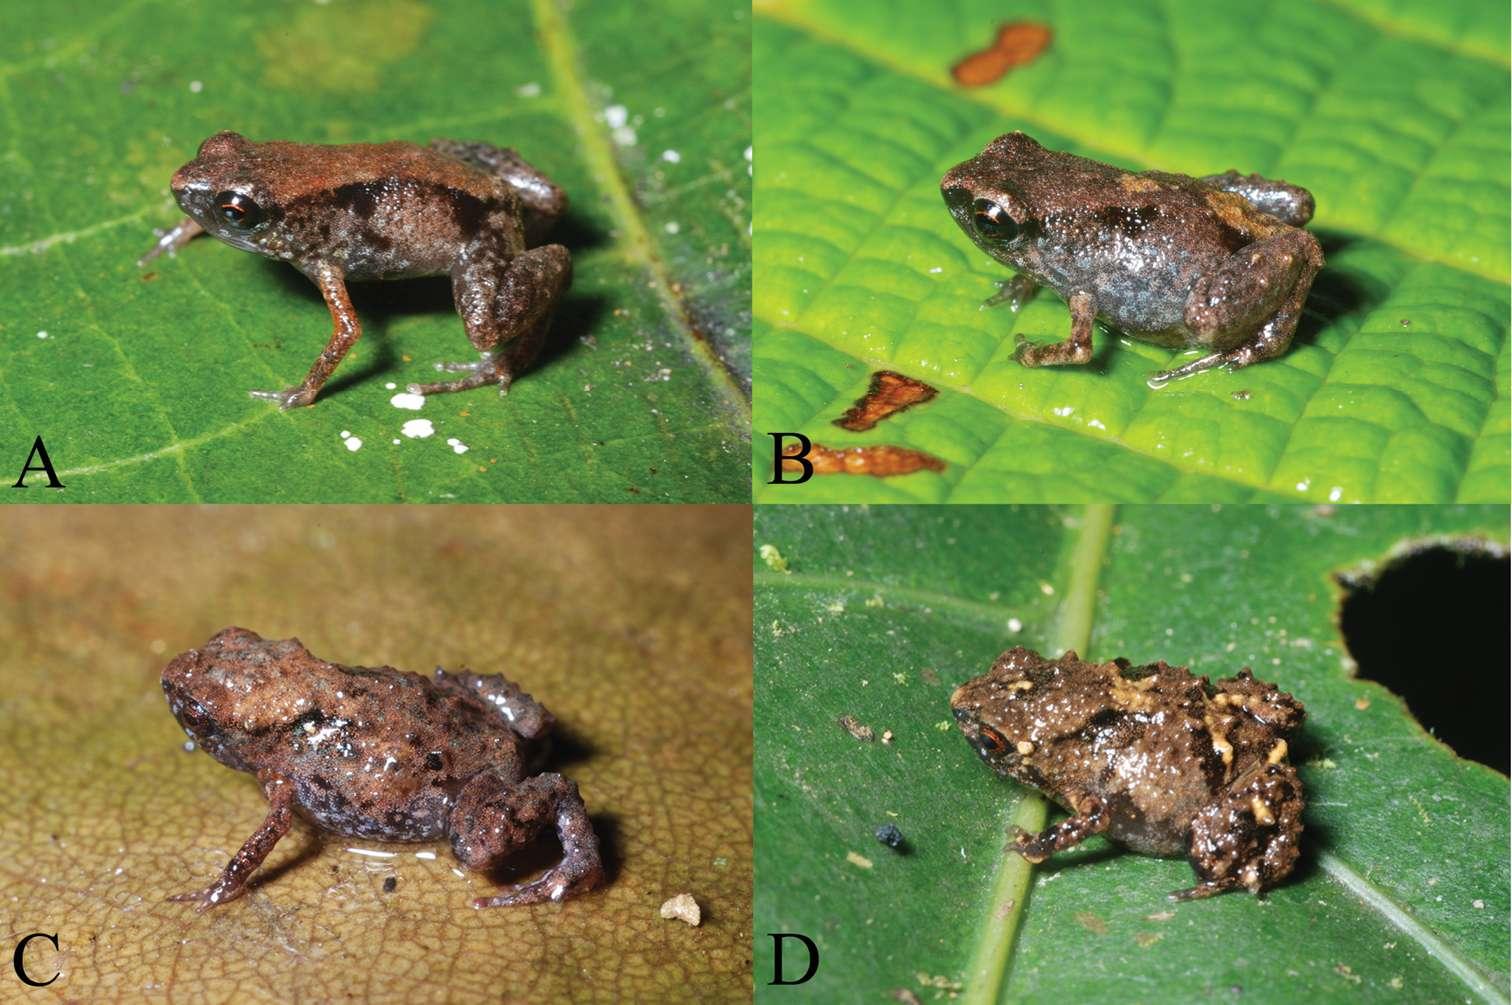 Paedophryne dekot et Paedophryne verrucosa s'ajoutent aux quelque 5.850 espèces d'anoures déjà décrites. © Fred Kraus 2011, Zookeys